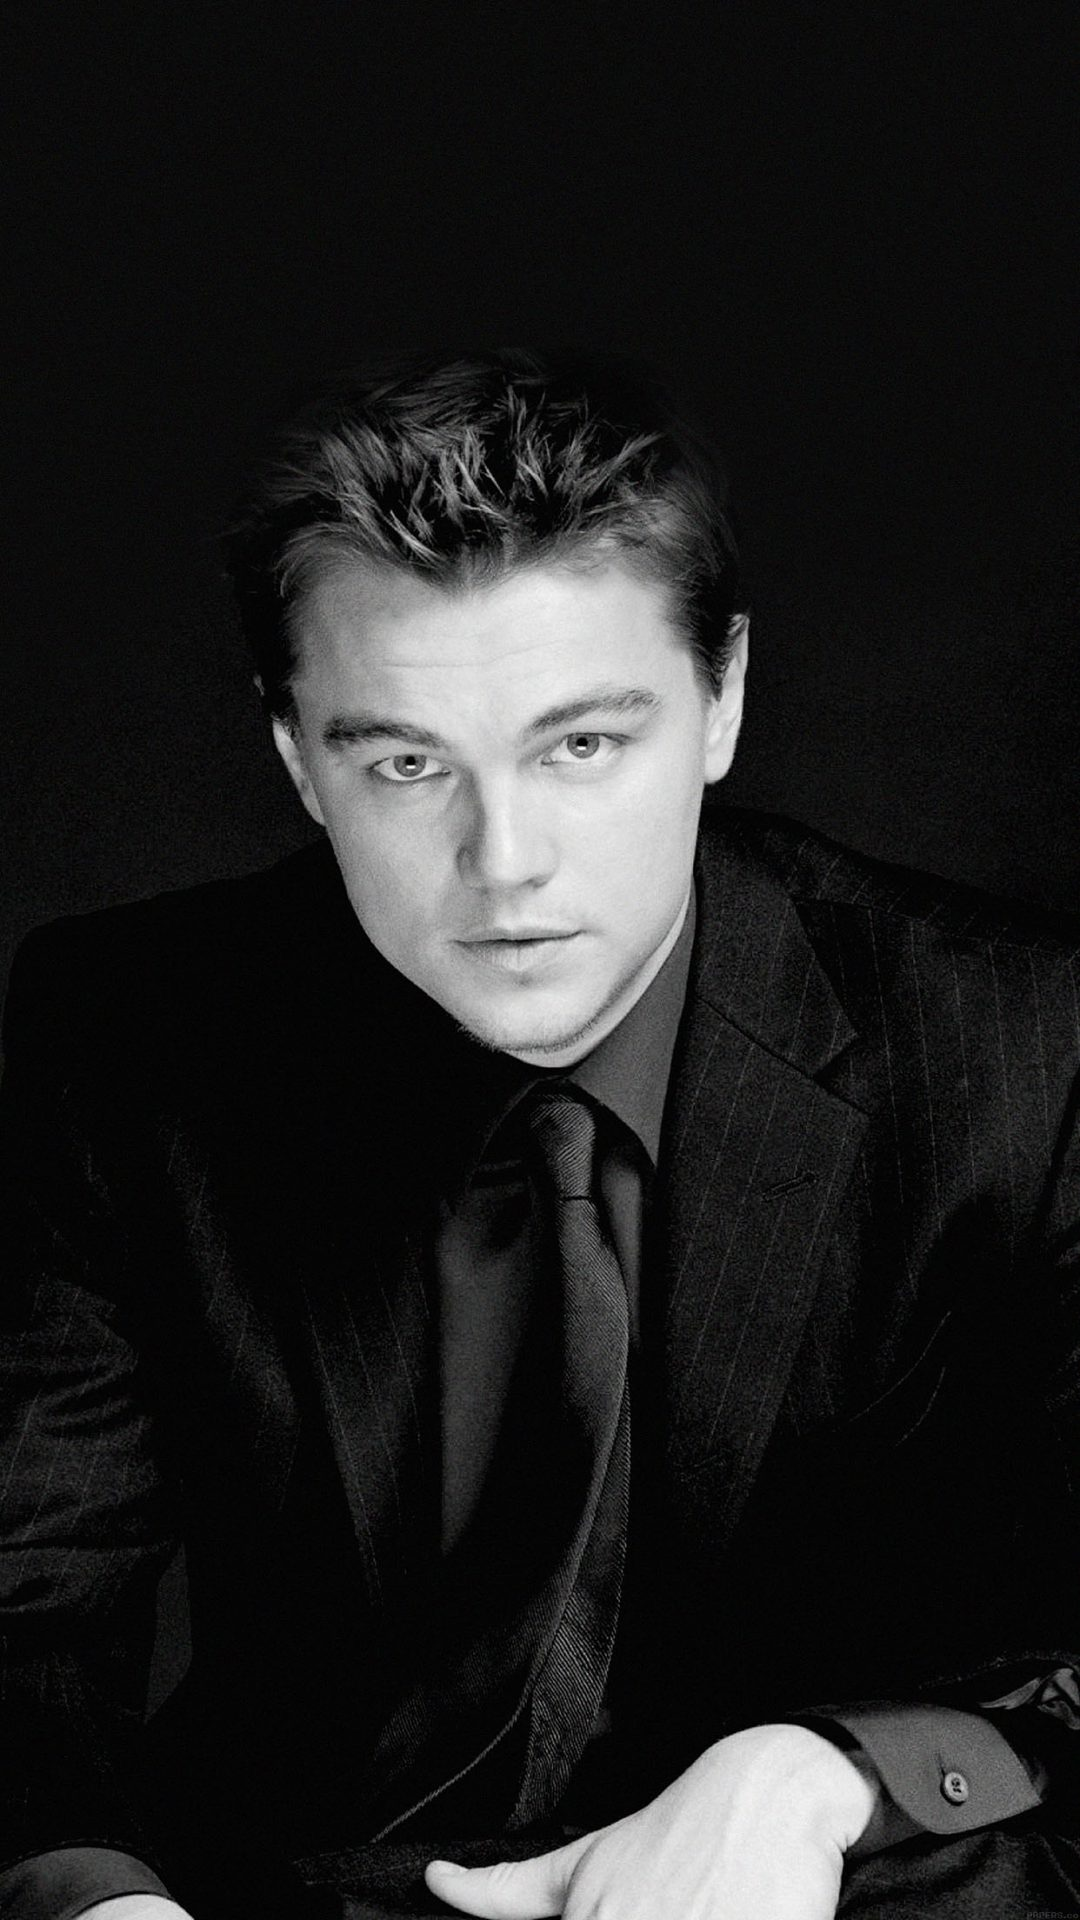 Wallpaper Leonardo Dicaprio Face Film